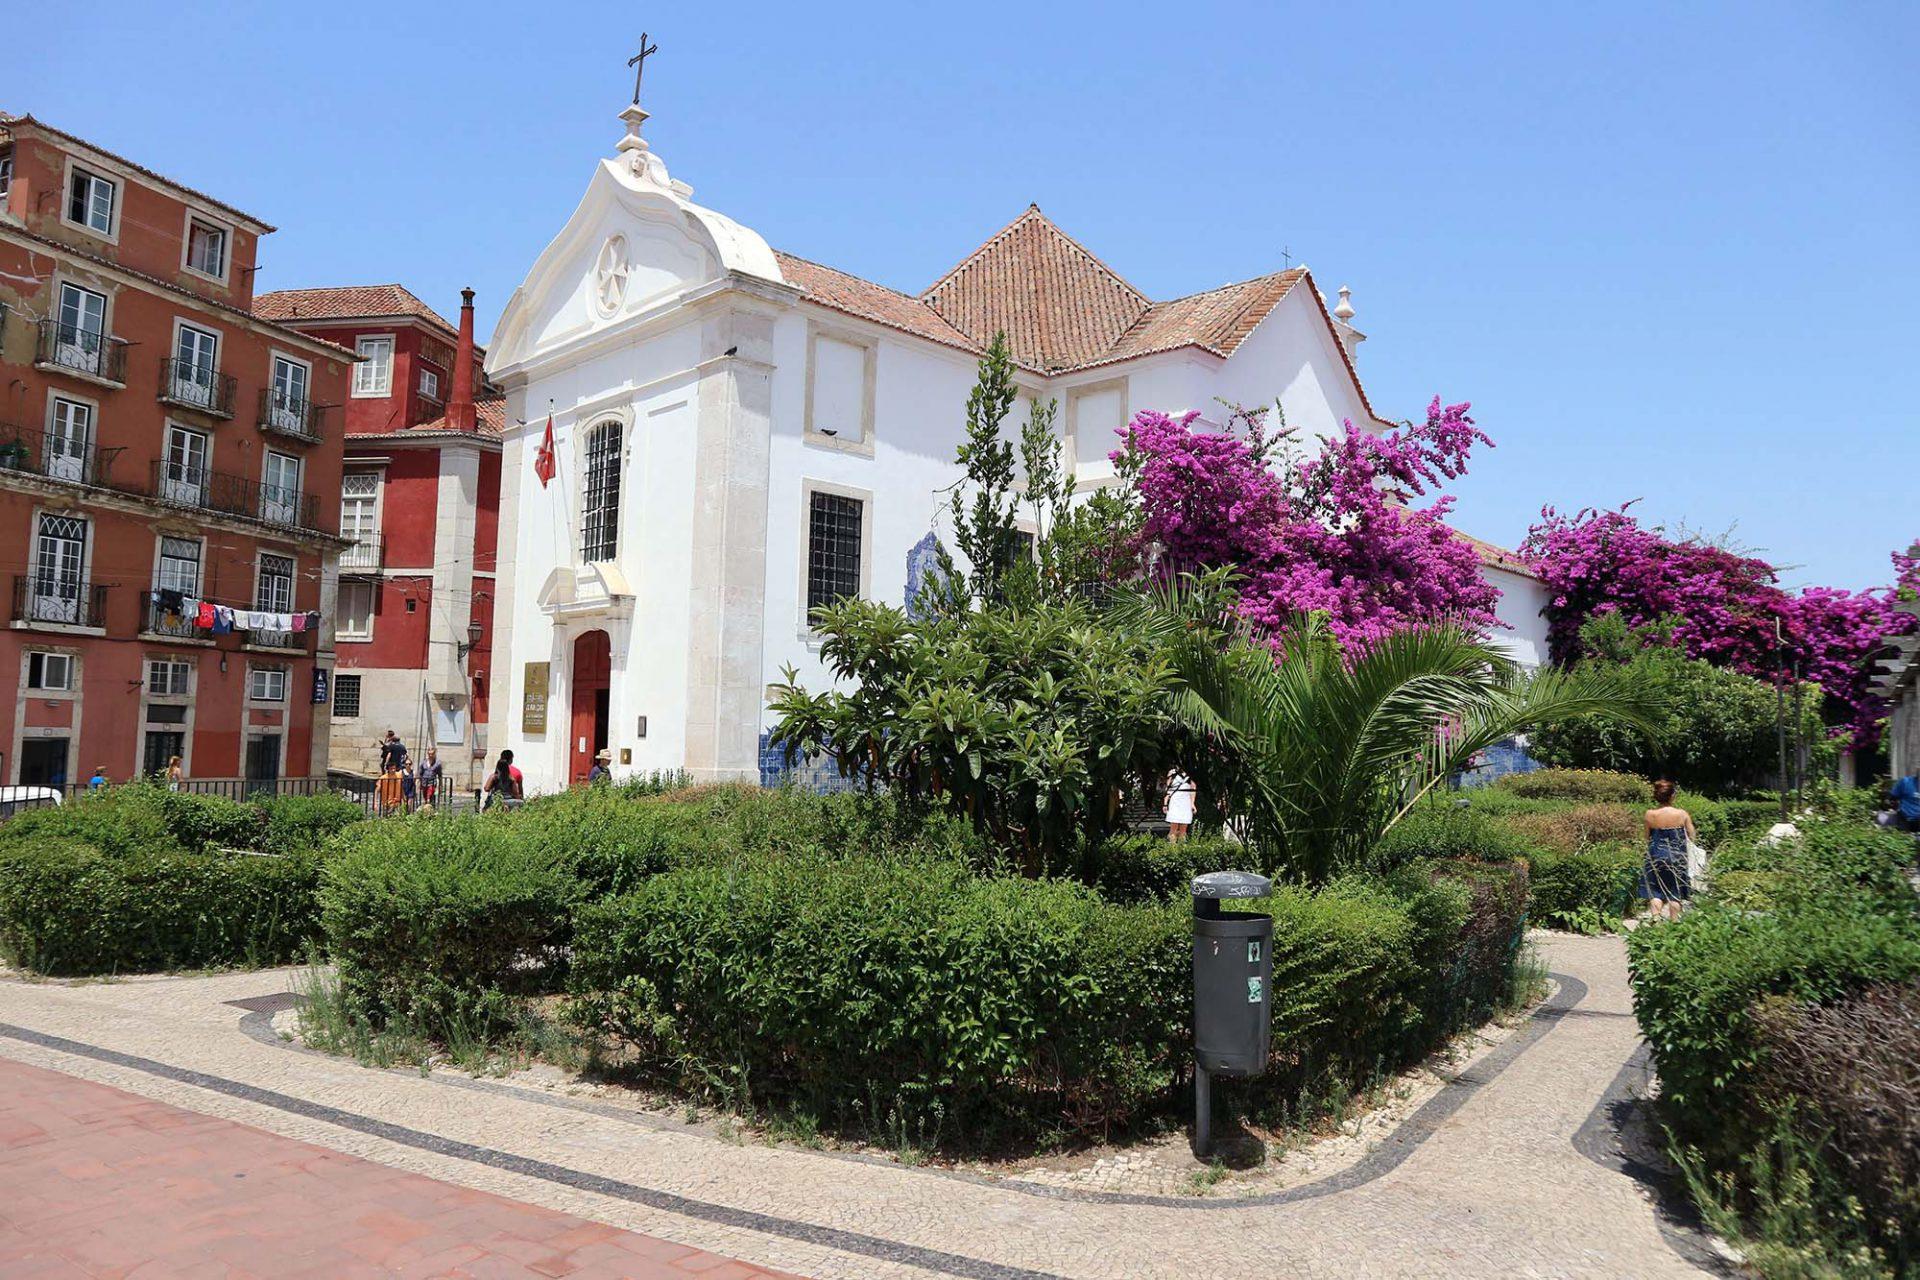 Miradouro de Santa Luzia.  Ein weiterer, besonders schöner Ausblick befindet sich an der kleinen maltesischen Kirche Santa Luzia. An ihren äußeren Wänden hängt blau-weiße Kachelkunst. Sie zeigt Lissabon vor dem großen Beben und die Legende von Martim Moniz, einem portugiesischem Adelsritter.